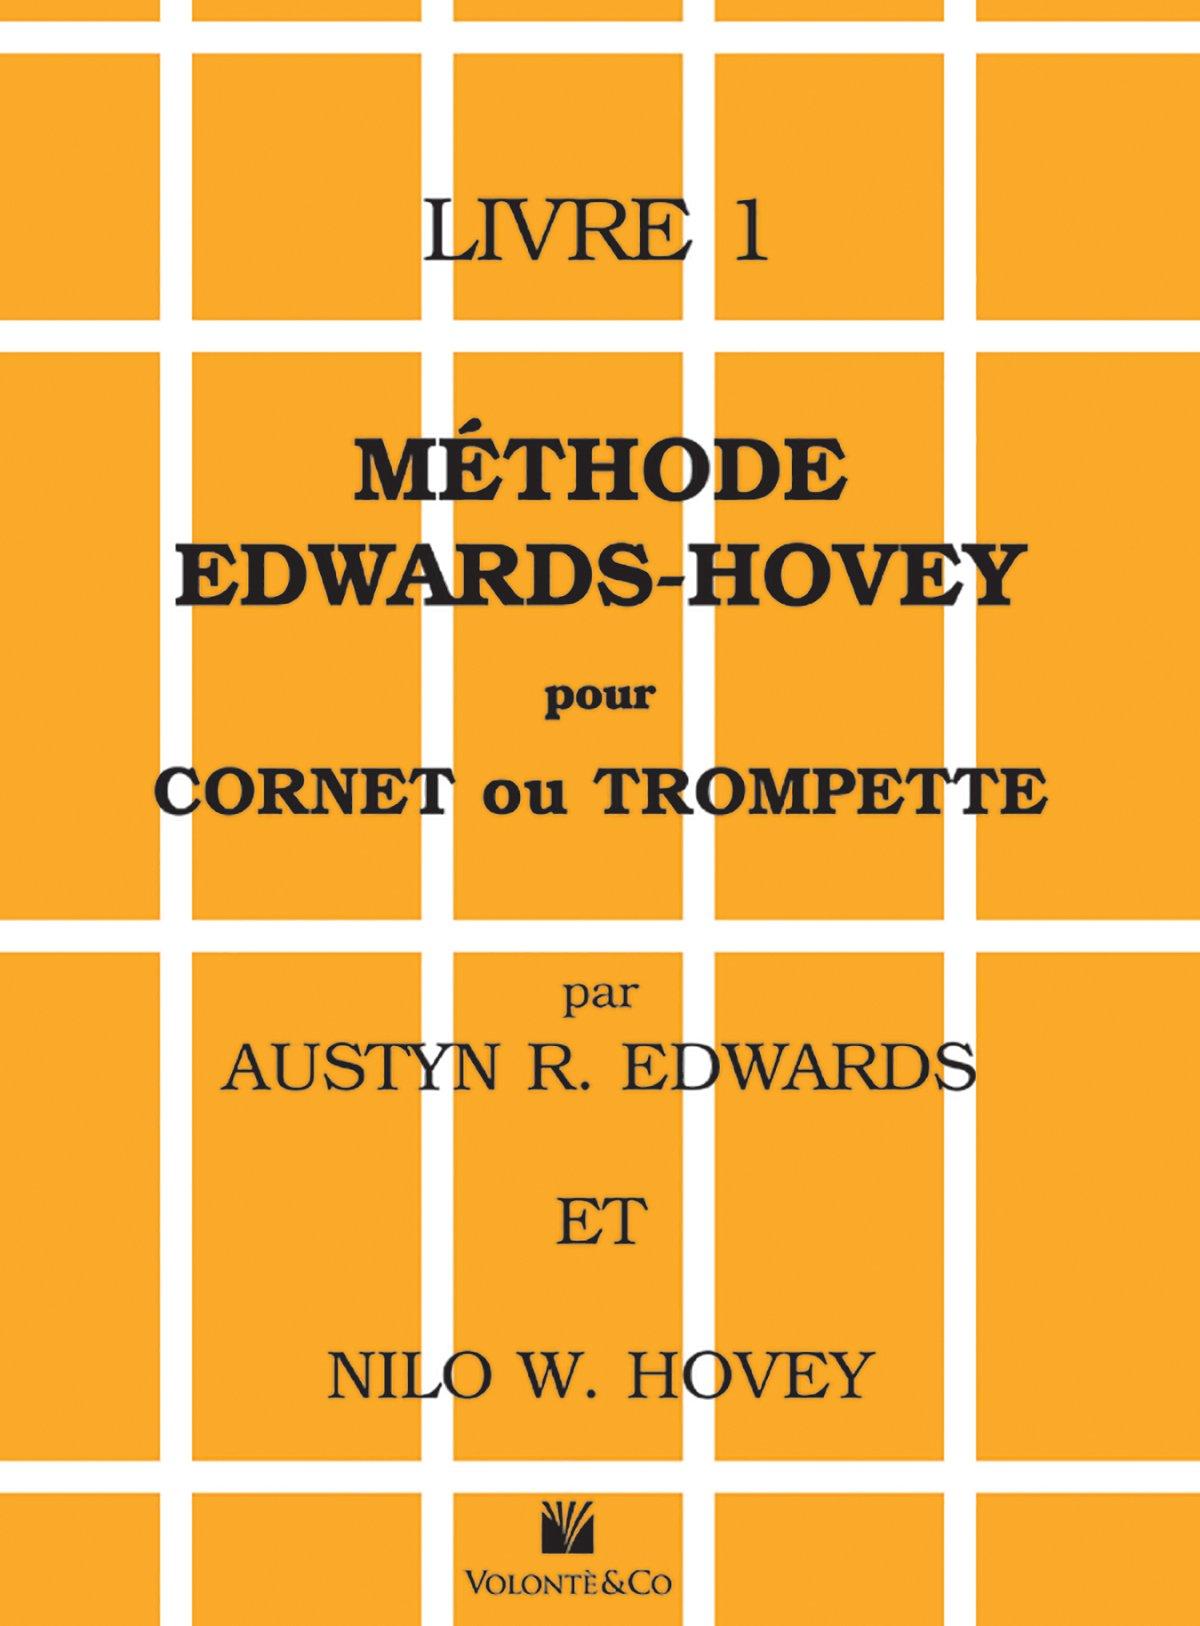 Amazon Fr Methode Edwards Hovey Pour Cornet Ou Trumpette Livre 1  # Recherche Nilo A Vendre